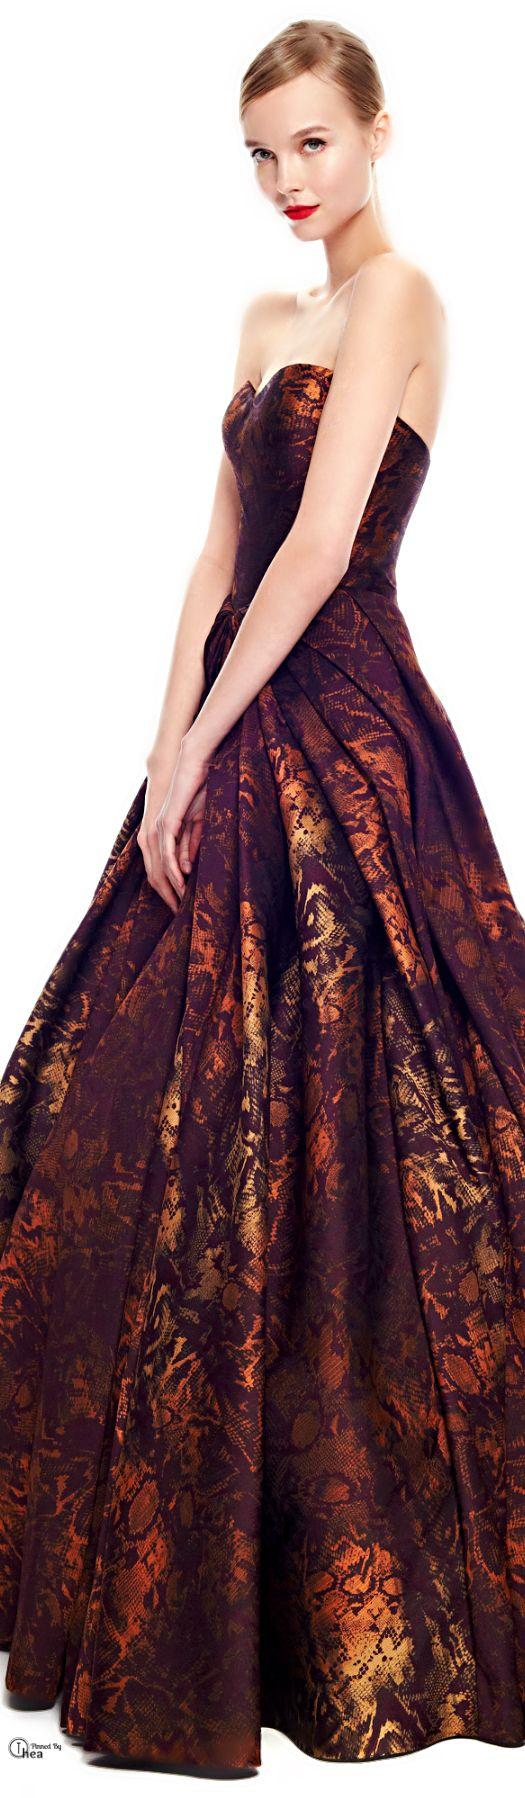 Zac Posen, 2014 - Floral Jacquard Gown.